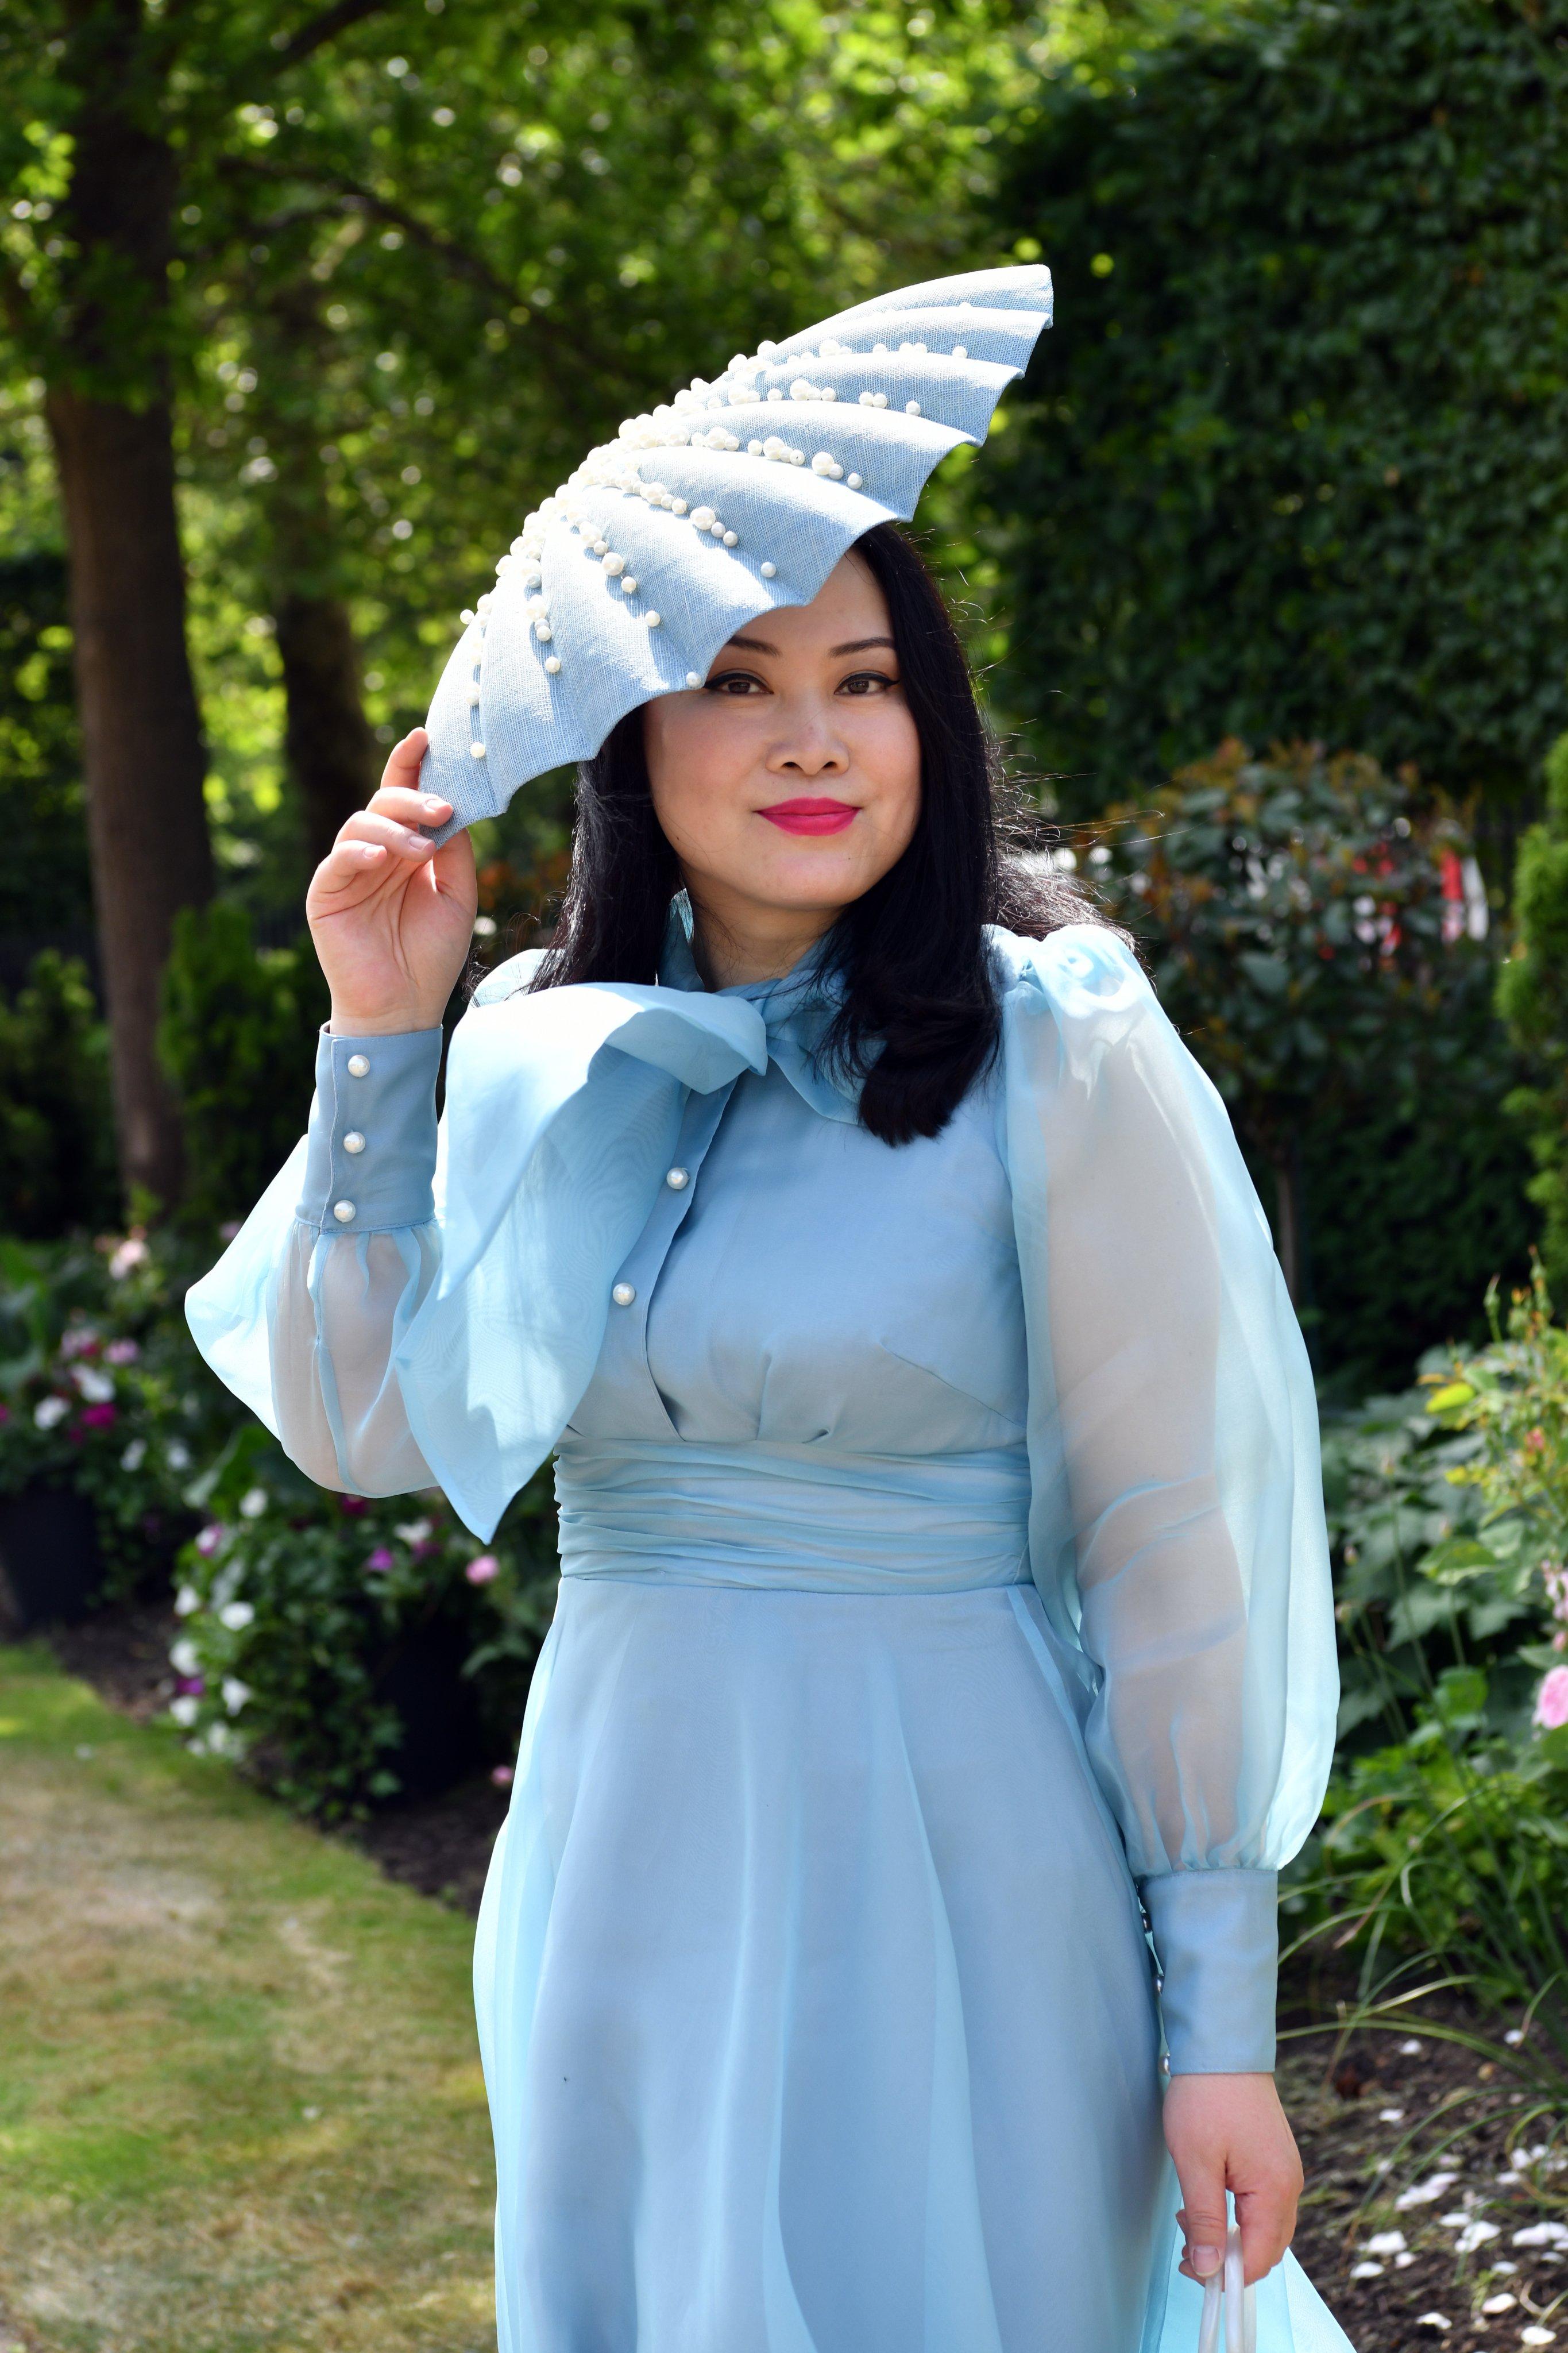 2021 Royal Ascot - Fashion, Day 1